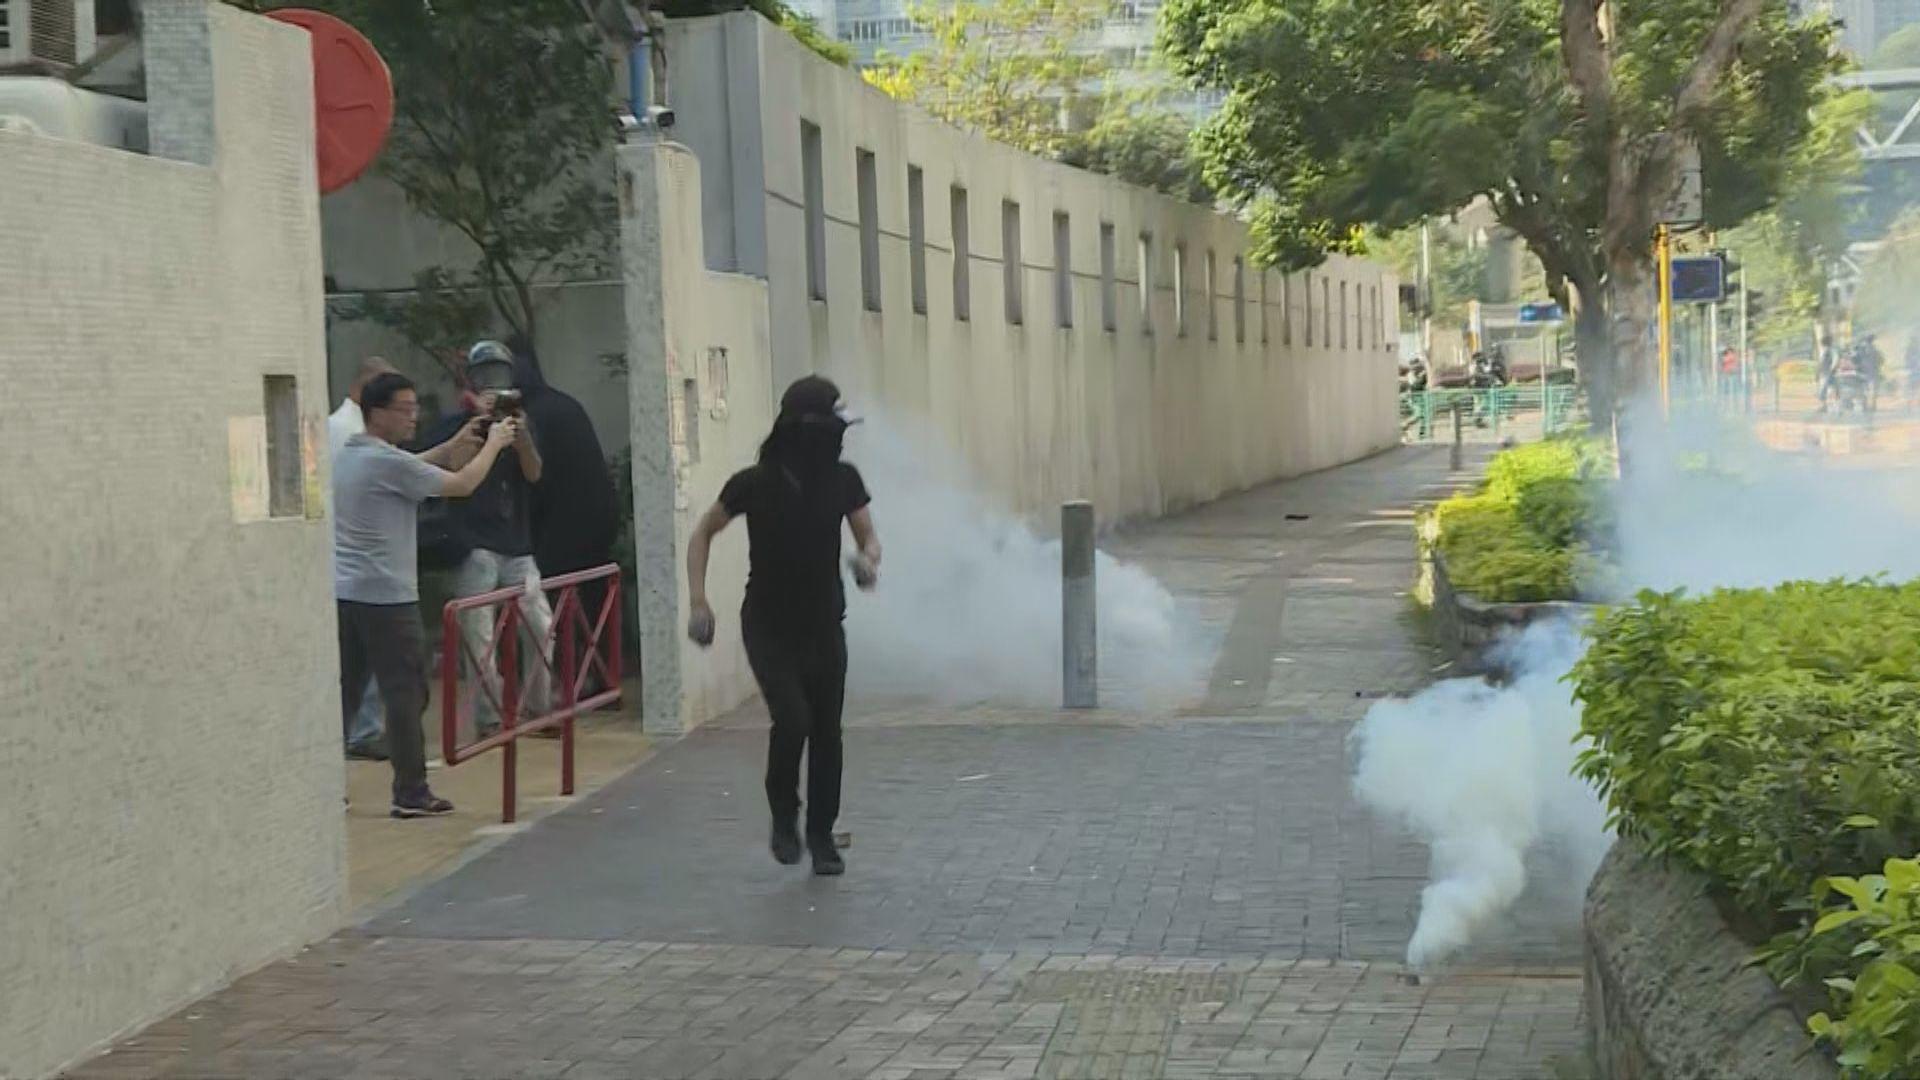 示威者多區堵路 防暴警施放催淚彈驅散